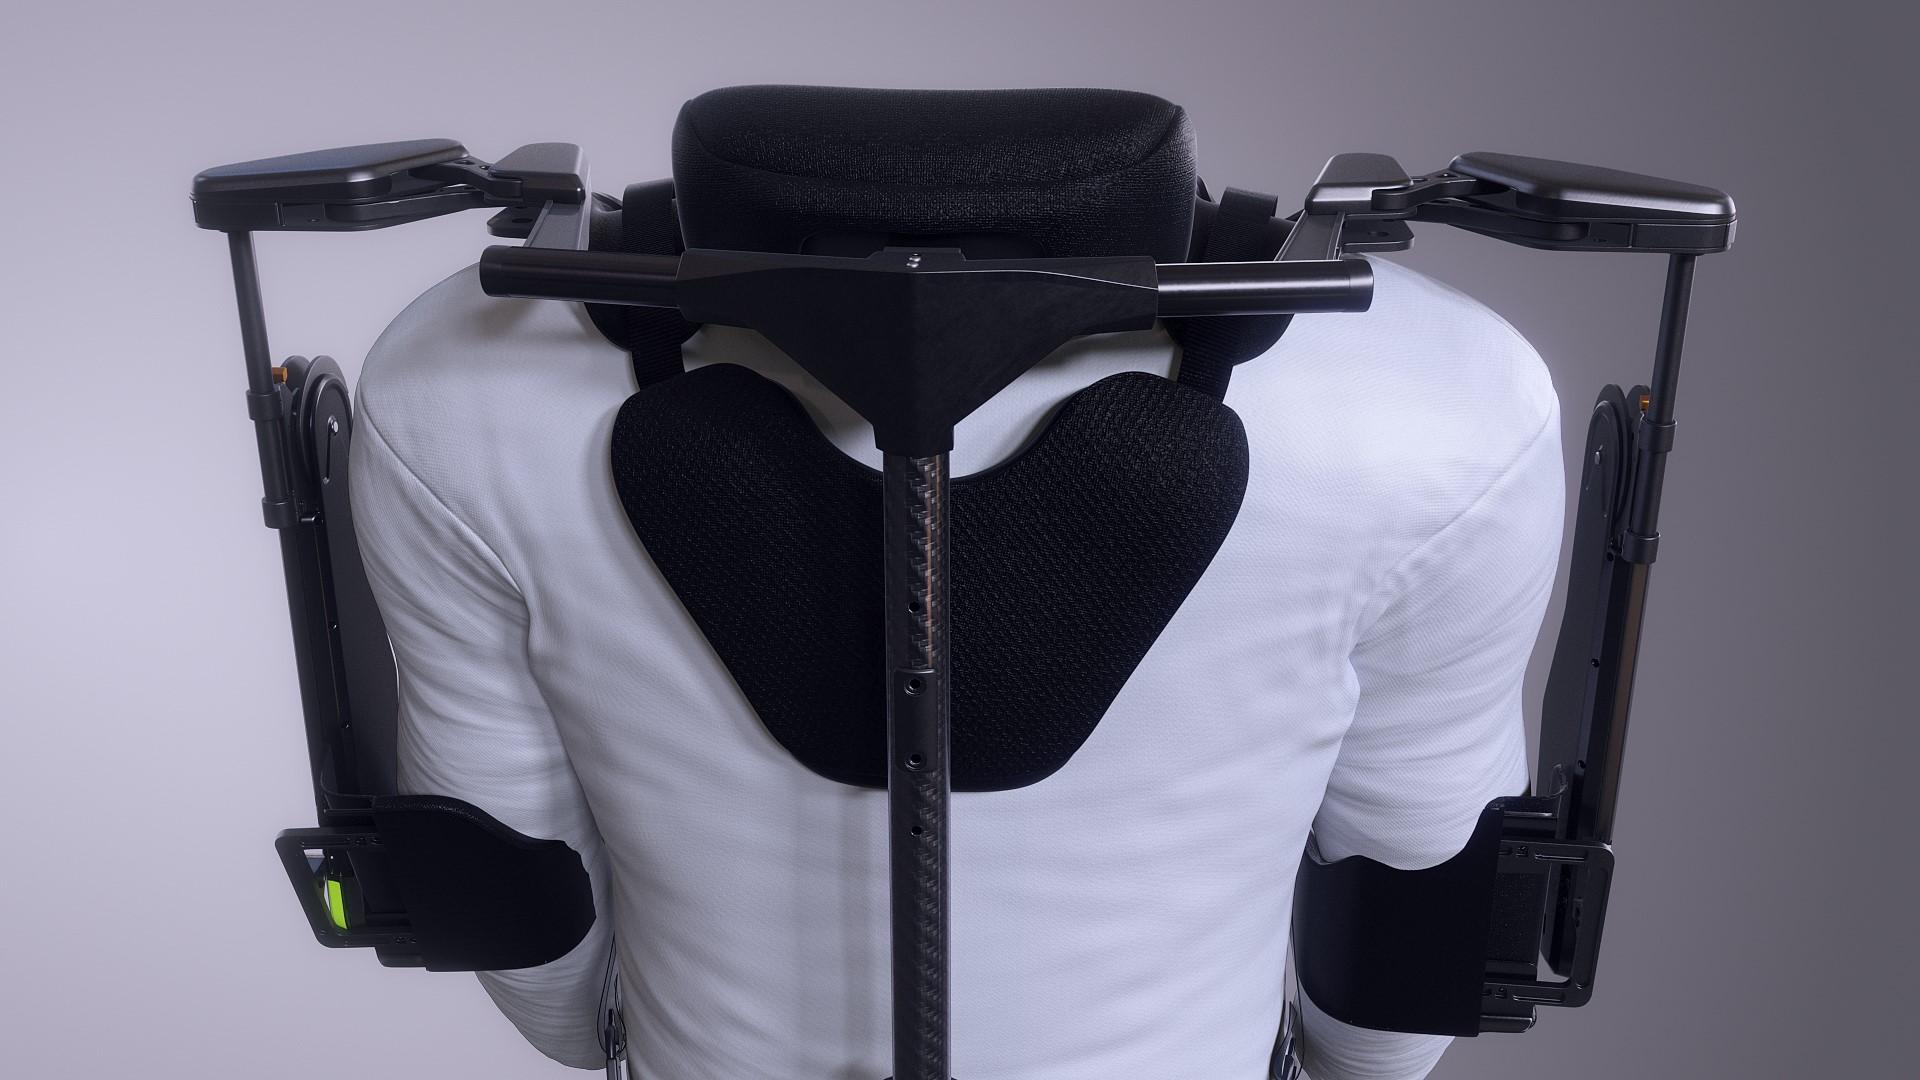 Hyundai-VEX-Vest-Exoskeleton-4